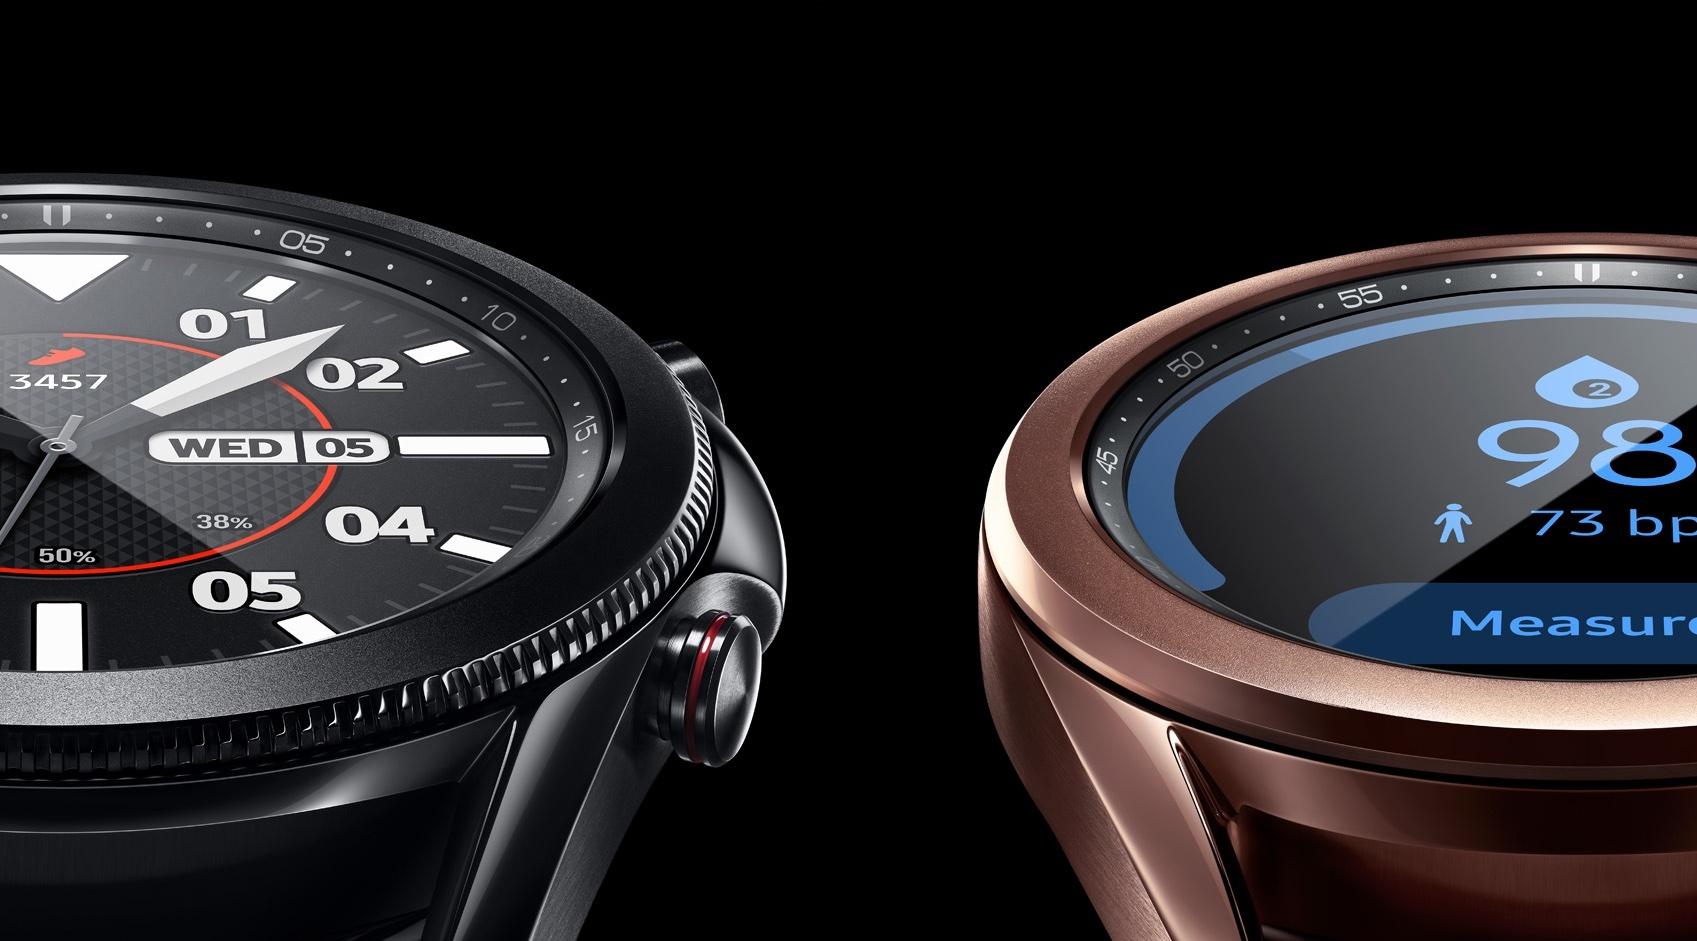 Раскрыты сроки выхода новых умных часов Samsung Galaxy Watch 4 и Watch Active 4